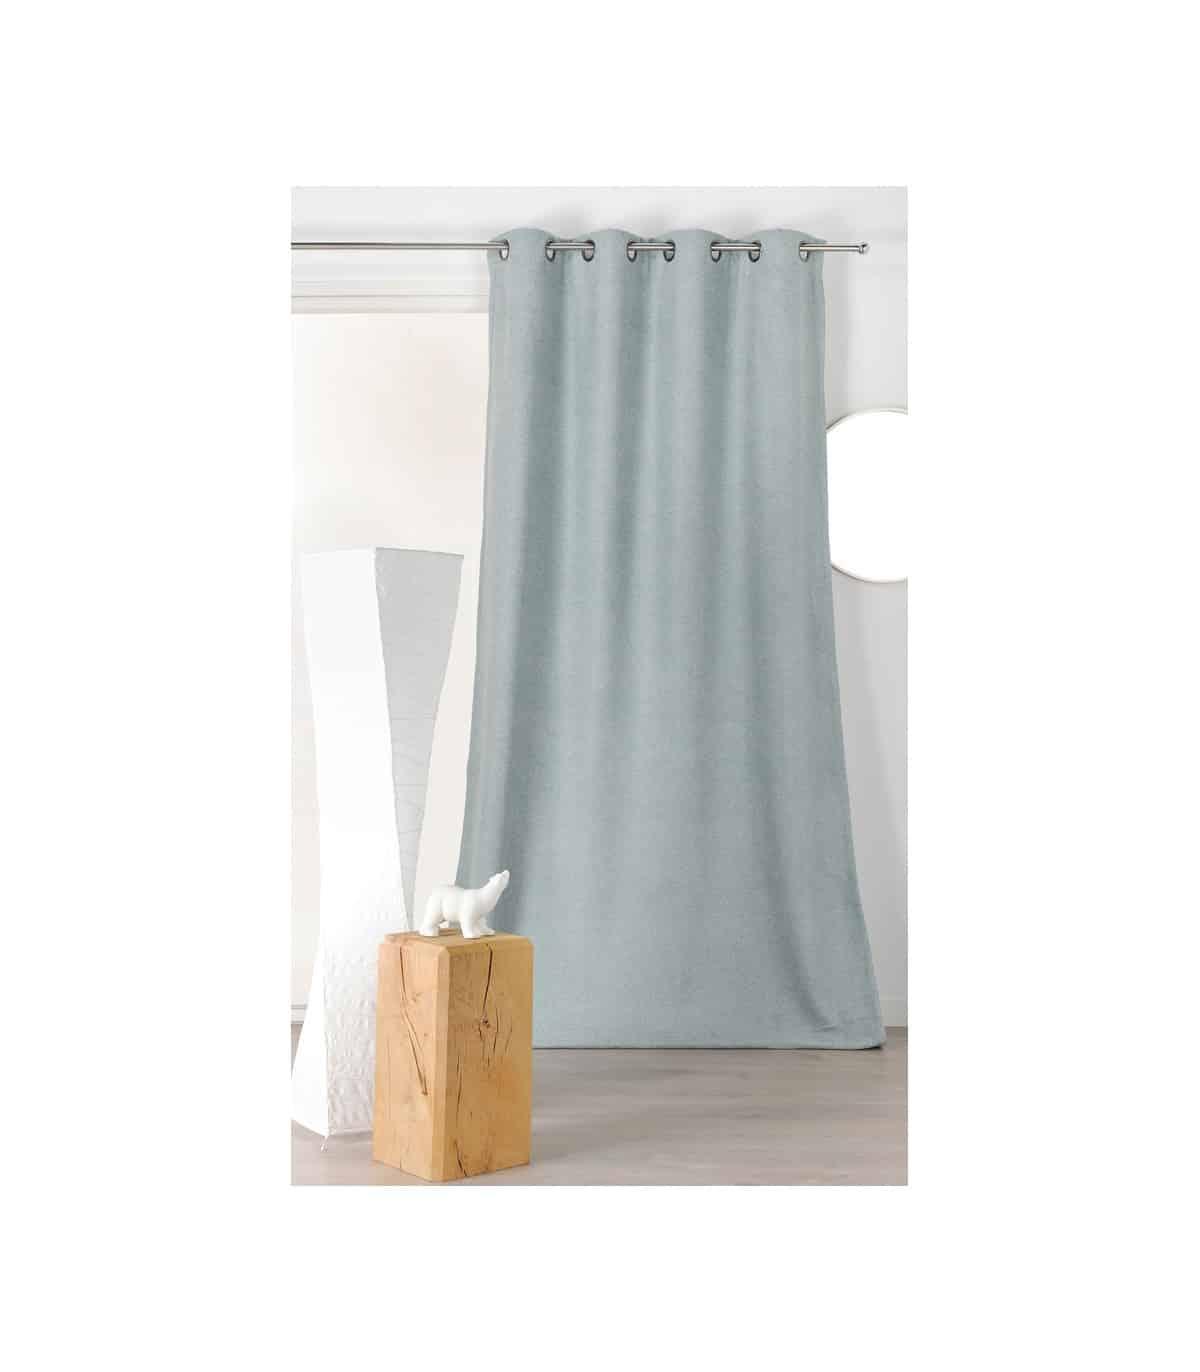 rideau isolant et phoniquevelours gris